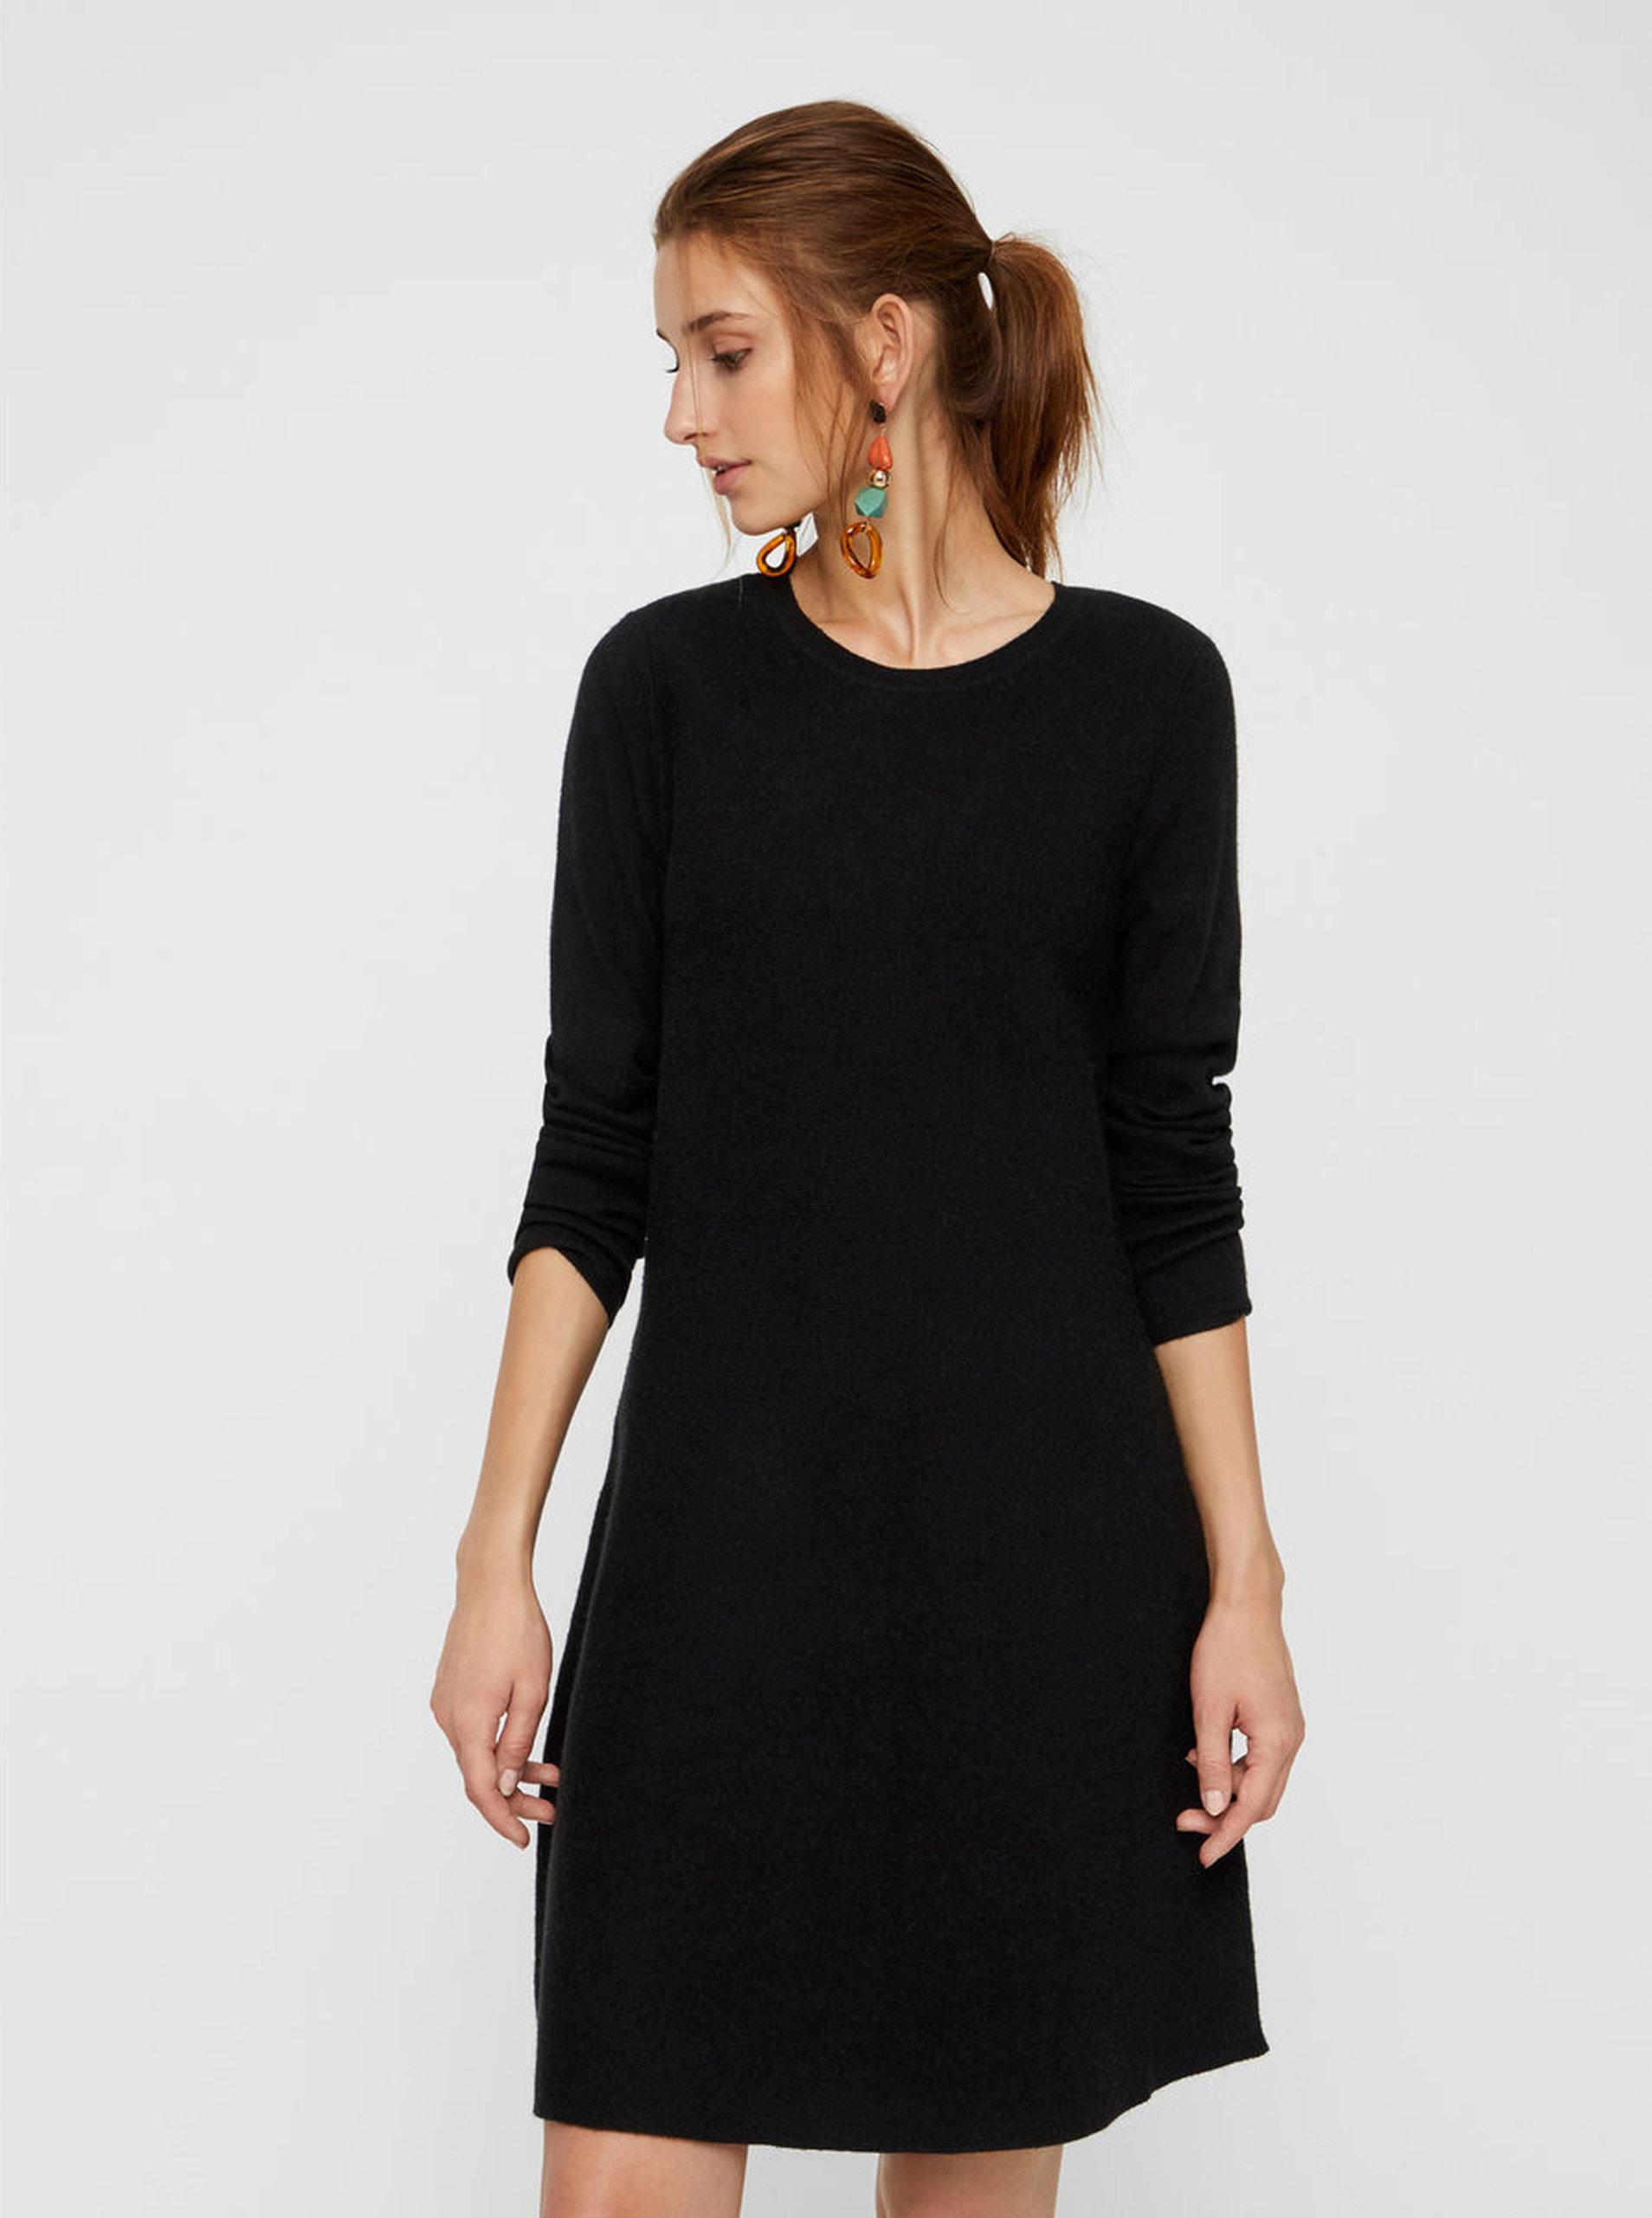 2328b753811d Černé svetrové šaty s dlouhým rukávem VERO MODA Nancy ...